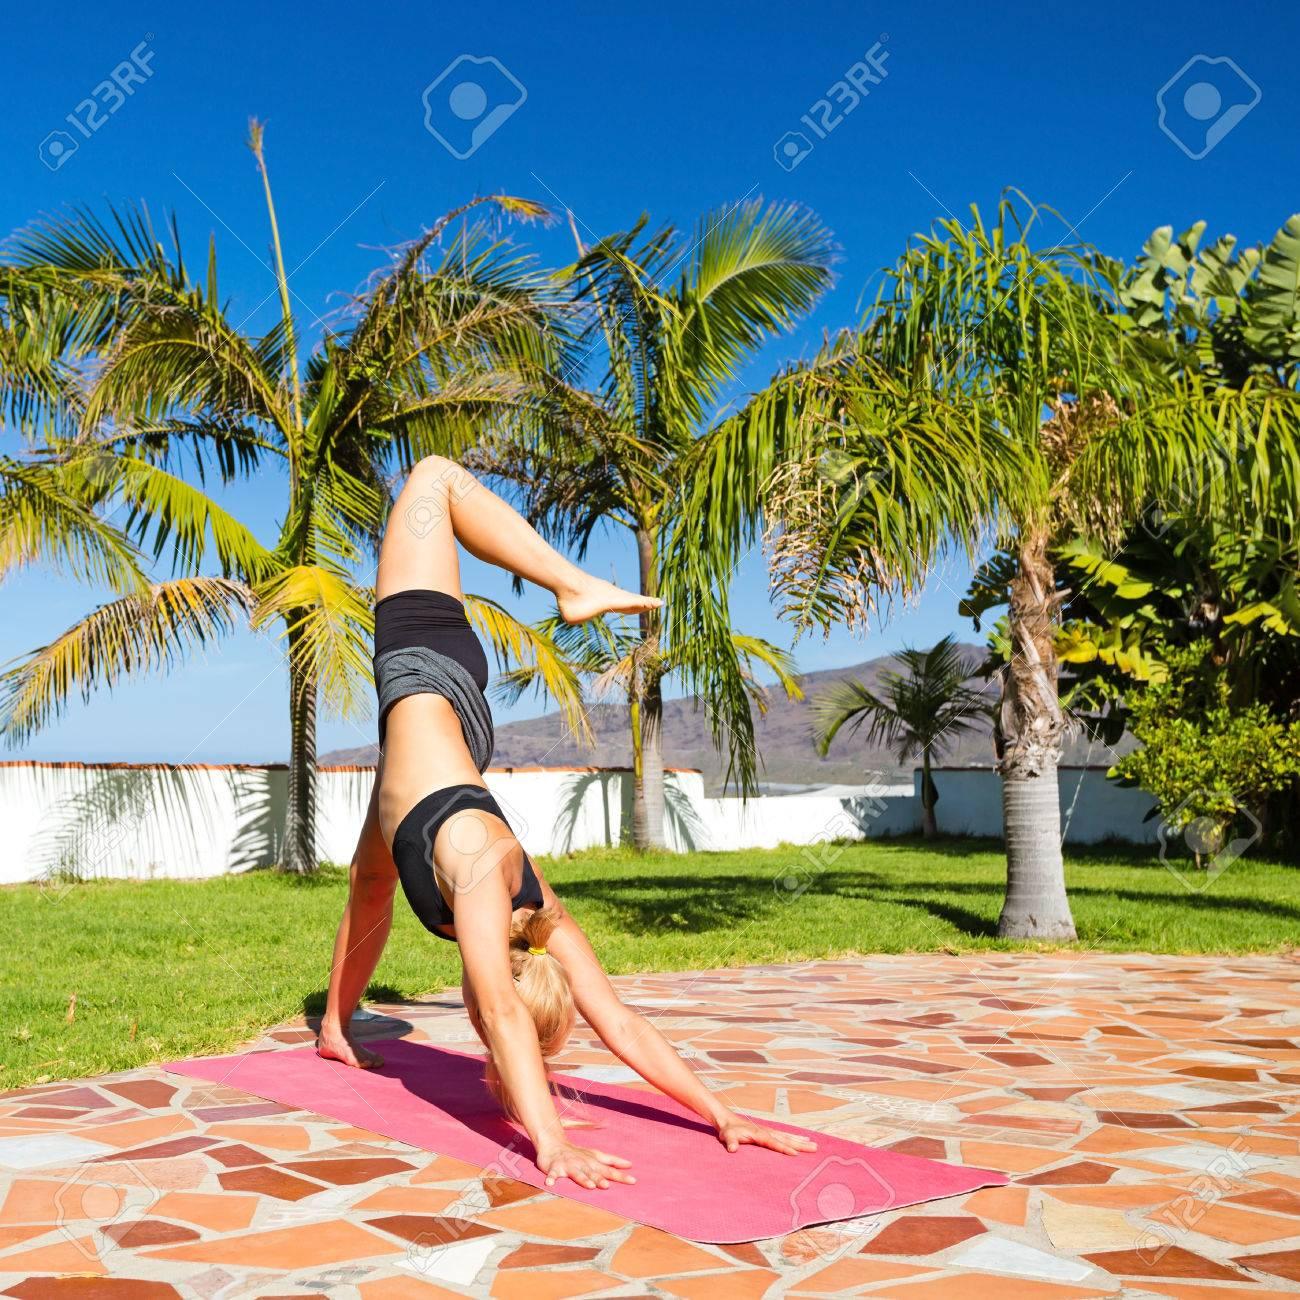 Frau Macht Yoga Pose Im Freien In Schönen Sommer Sonnigen Natur ...